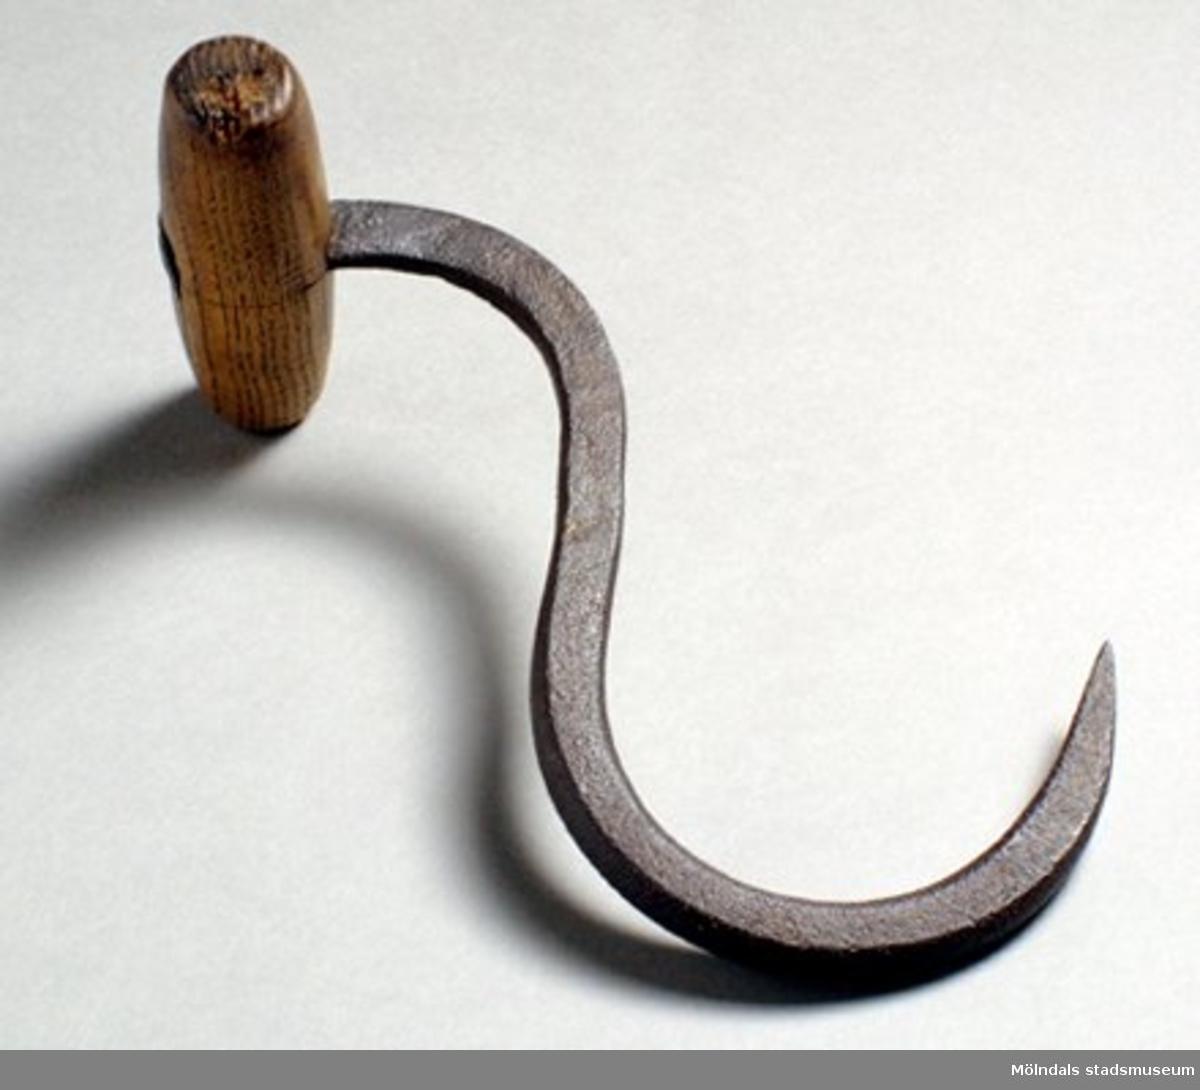 S-formad järnkrok  - rostig. Väl använt och slitet trähandtag, något sprucket. Från 1900-tal. Har eventuellt använts för att lyfta pappersbalar eller dylikt med.